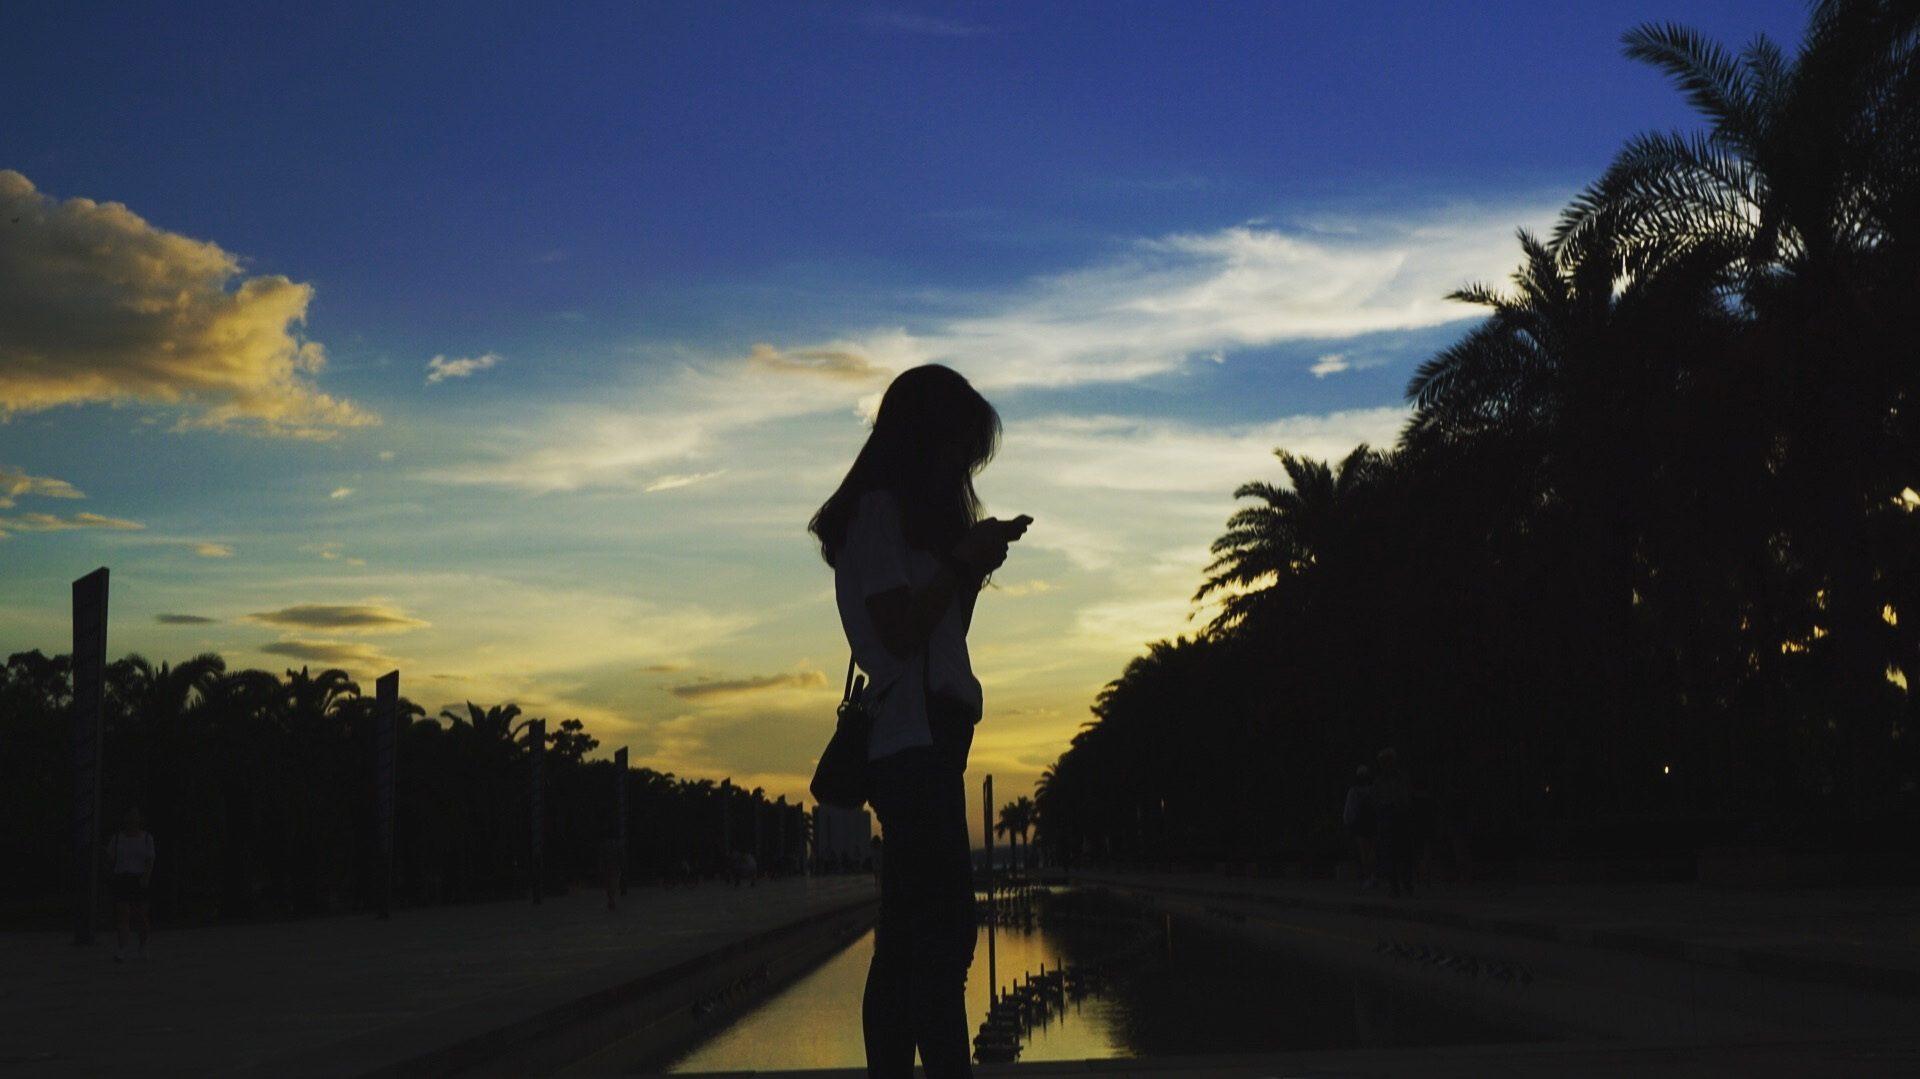 γυναίκα, Σιλουέτα, Παραλία, Ηλιοβασίλεμα, σκιές - Wallpapers HD - Professor-falken.com